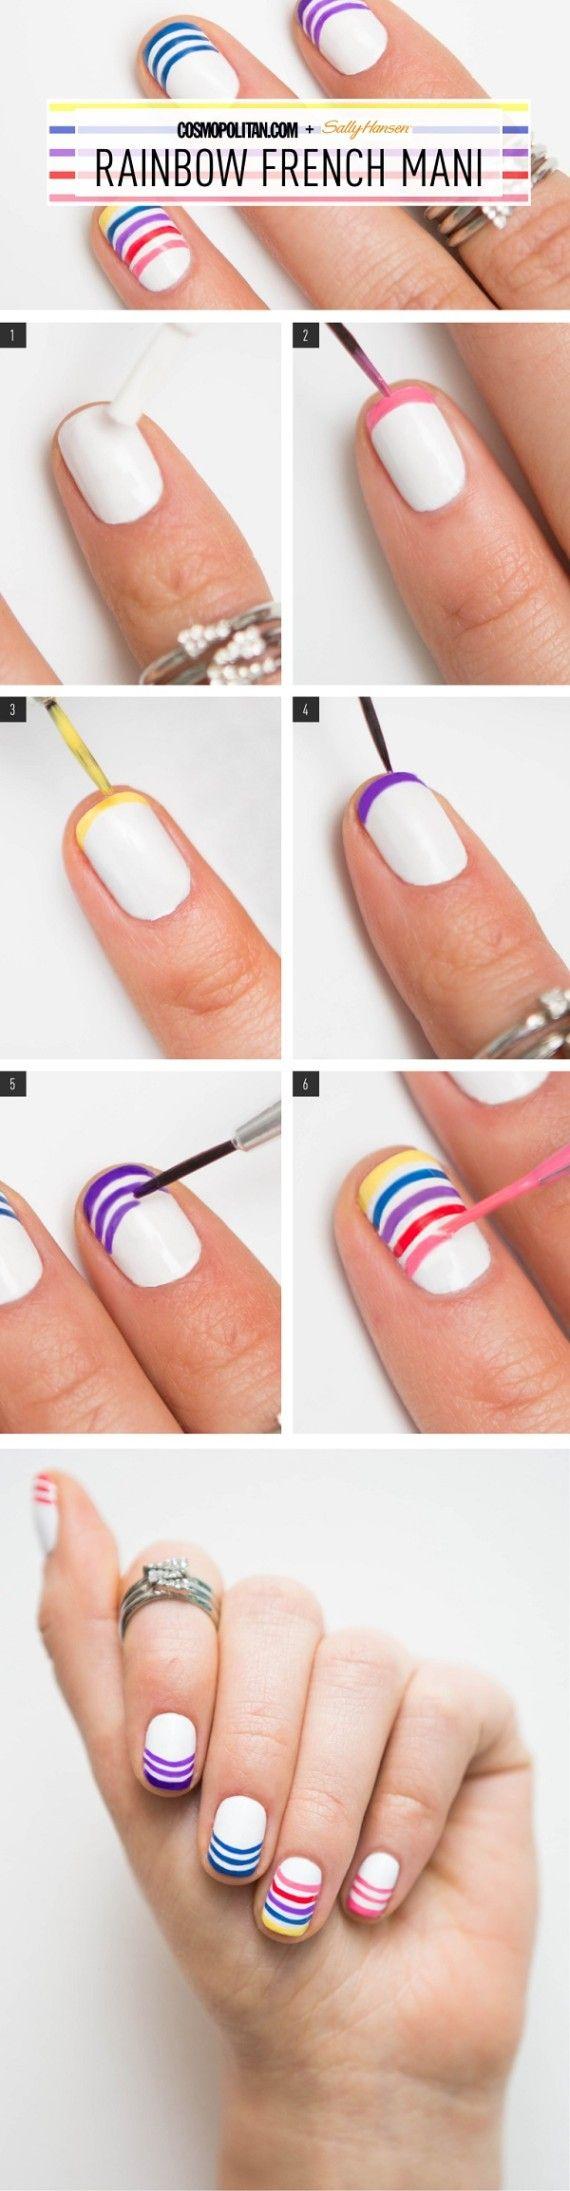 Hermosas uñas con estampado de arcoíris | Decoración de Uñas - Manicura y NailArt